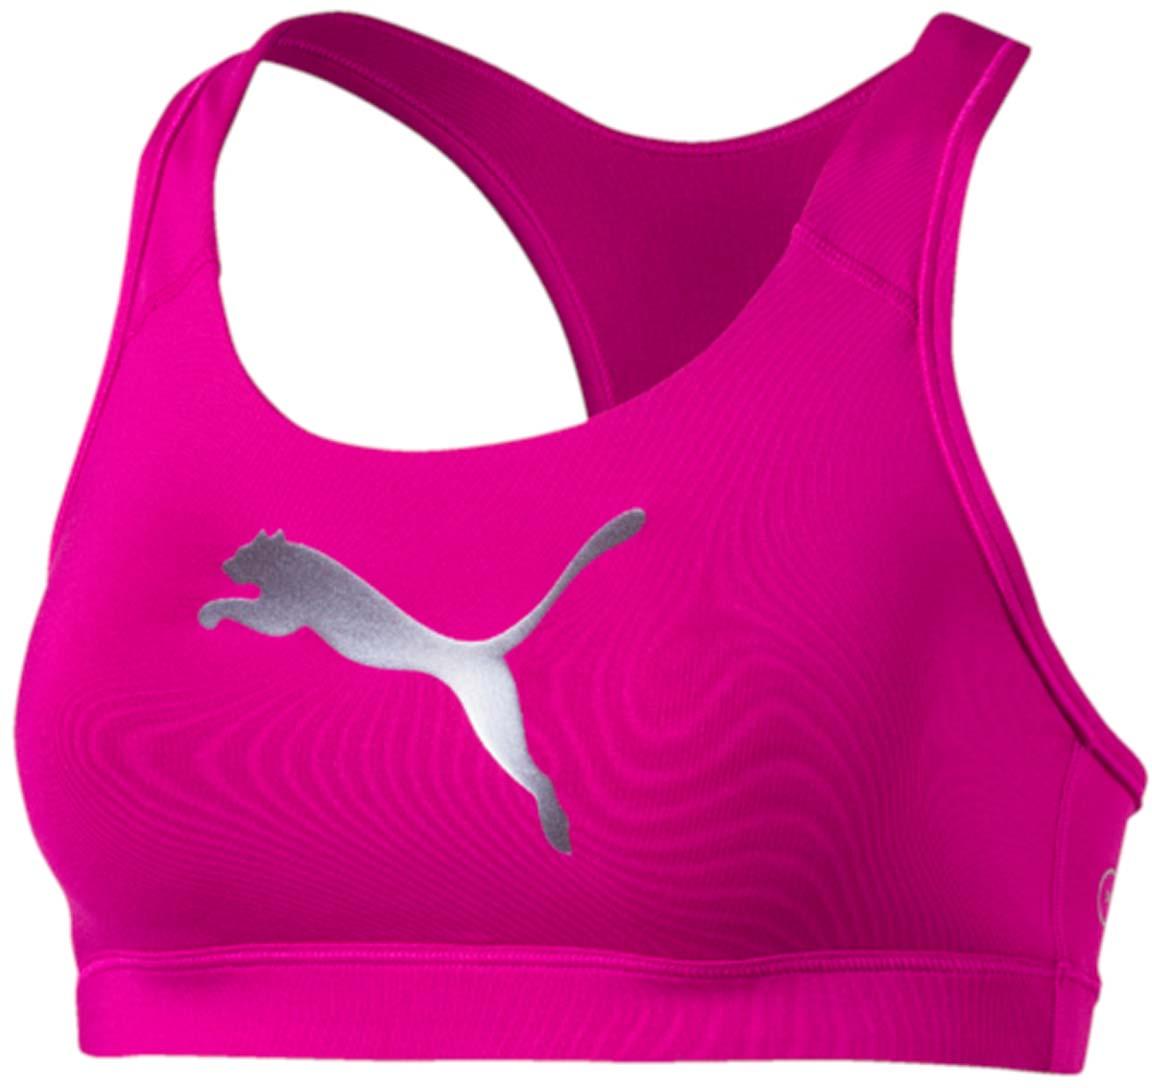 Топ-бра для фитнеса Puma PWRSHAPE Forever, цвет: розовый. 513965_29. Размер L (48)513965_29Этот спортивный бюстгальтер-топ станет вашей любимой моделью, потому что он - незаменимая часть вашего гардероба для занятий спортом и активного отдыха! Отличный дизайн обеспечивает универсальность, поэтому бюстгальтер можно надевать в тренажерный зал, на занятие всеми видами фитнеса, на пробежку. Дополнительные удобства создаются за счет использования высокофункциональной технологии dryCELL, которая отводит влагу, поддерживает тело сухим и гарантирует комфорт во время активных тренировок и занятий спортом. Наплечные лямки с мягкой подложкой, не перекрещивающиеся на спине, не натирают, не давят, а также обеспечивают полную свободу движений и удобство надевания изделия благодаря функциональному крою спины. Отделка низа сверхэластичным плотным материалом создает дополнительную поддержку. Бюстгальтер декорирован спереди логотипом PUMA из светоотражающего материала, нанесенным методом термопечати, благодаря которому вас лучше видно в темное время суток. На нижний край изделия методом термопечати нанесен логотип dryCELL. Модель подходит для всех видов физической активности.